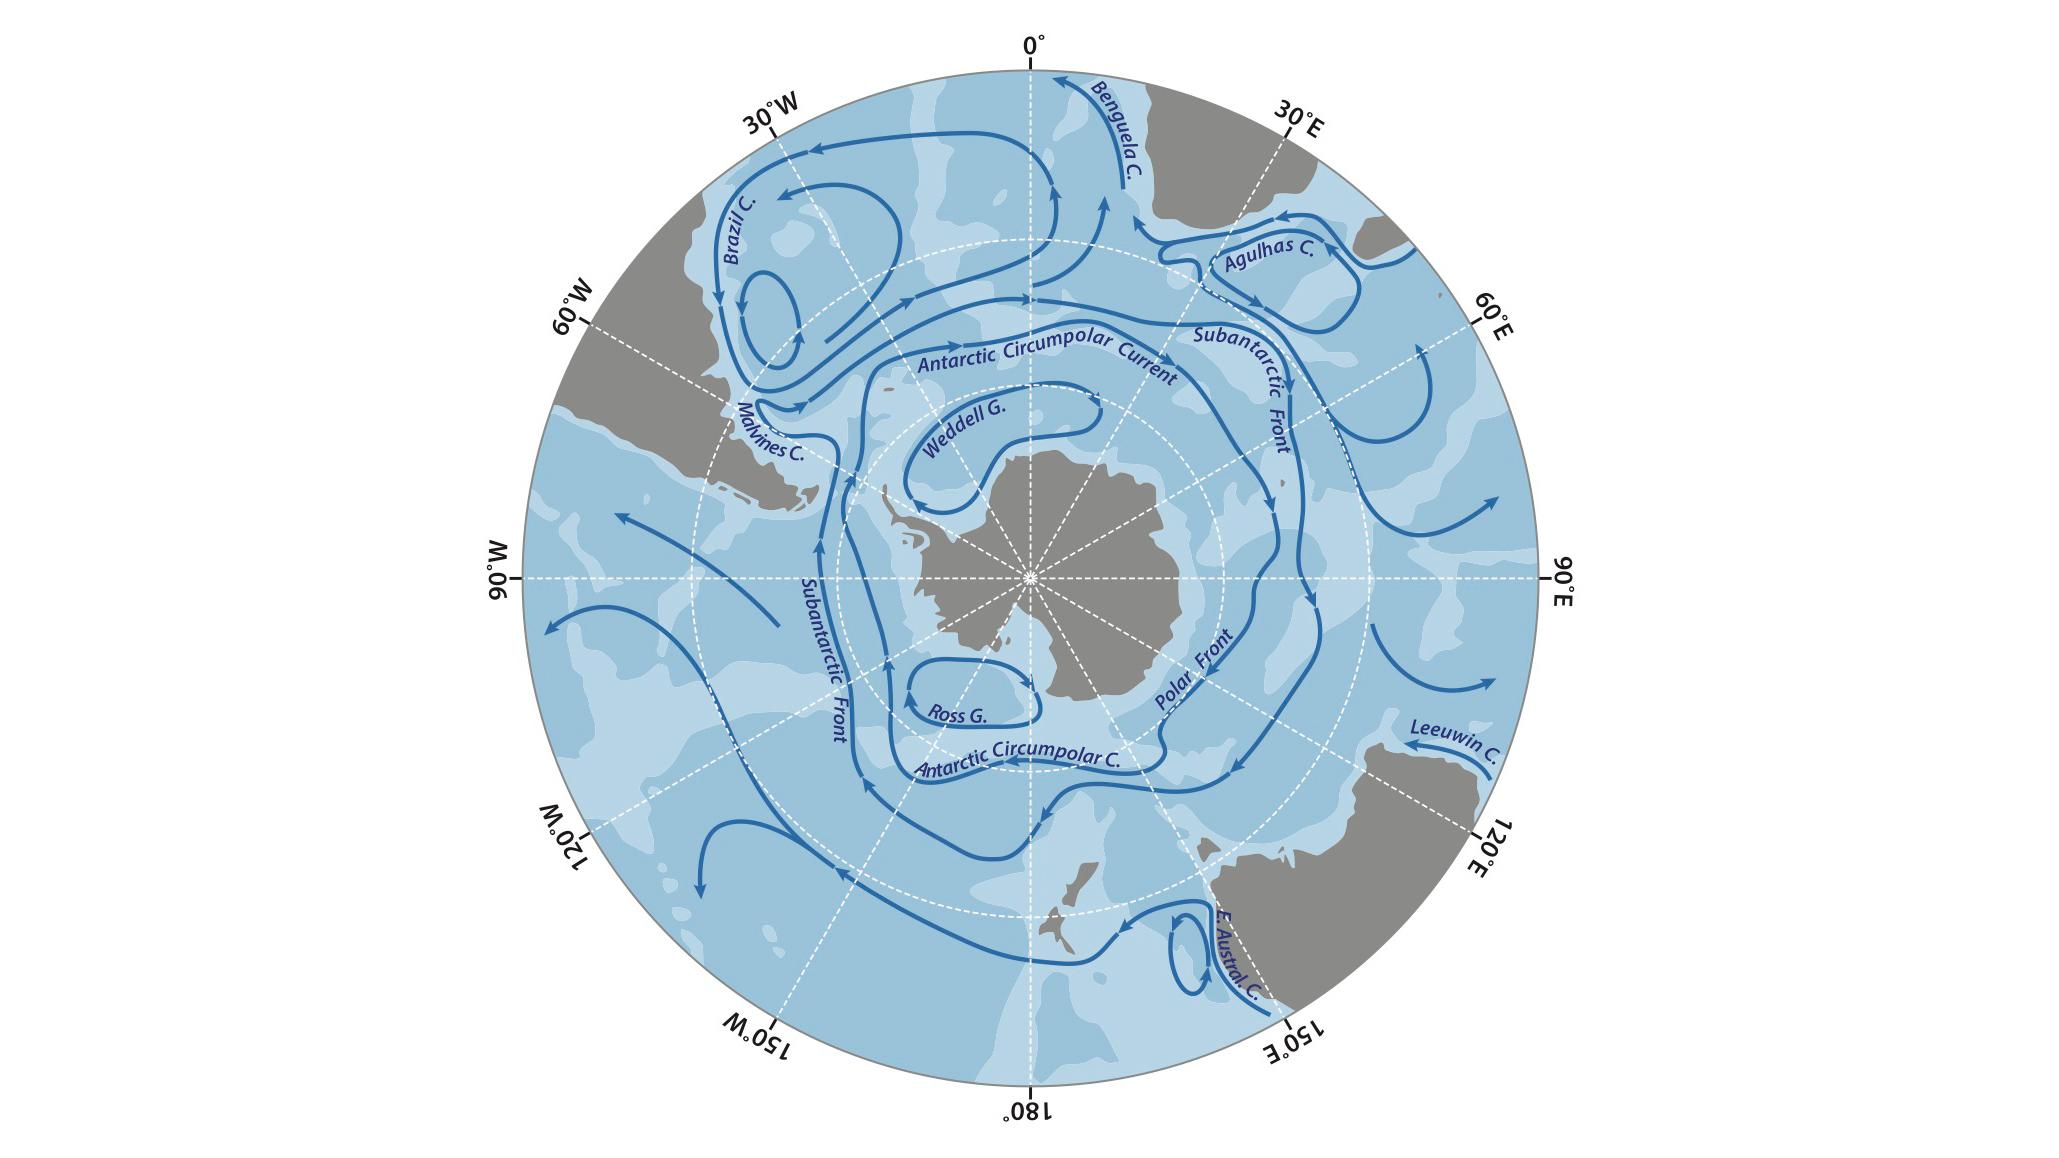 Le courant circumpolaire antarctique (ACC), qui se déplace d'ouest en est, définit les limites de l'océan Austral.